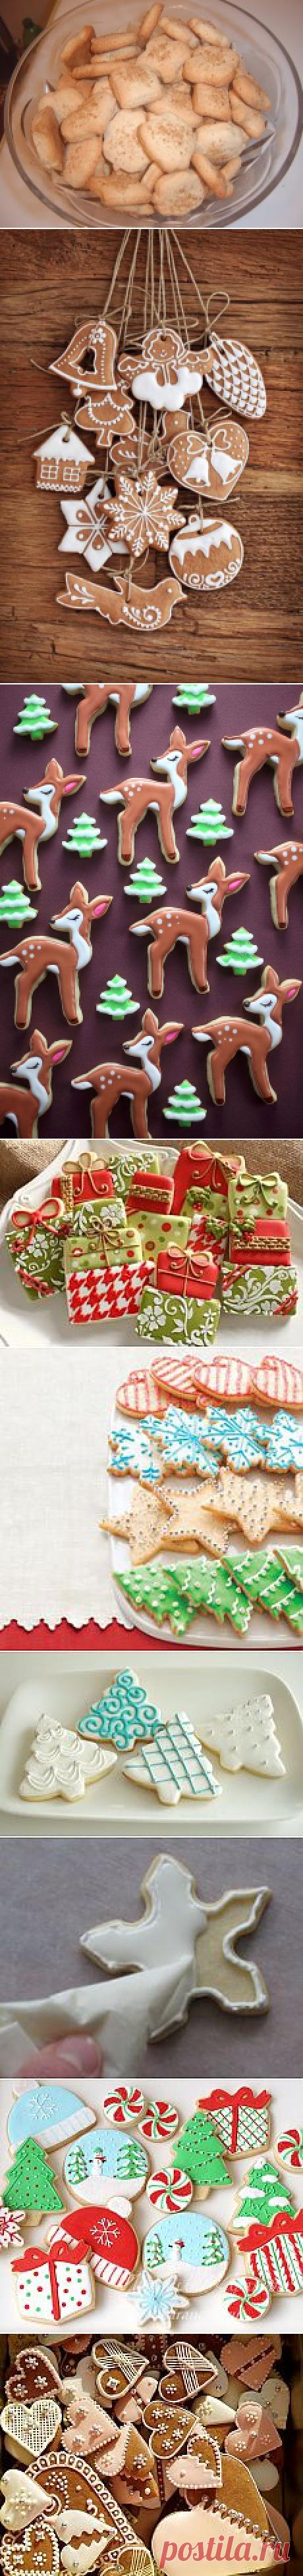 Поиск на Постиле: рождественское печенье